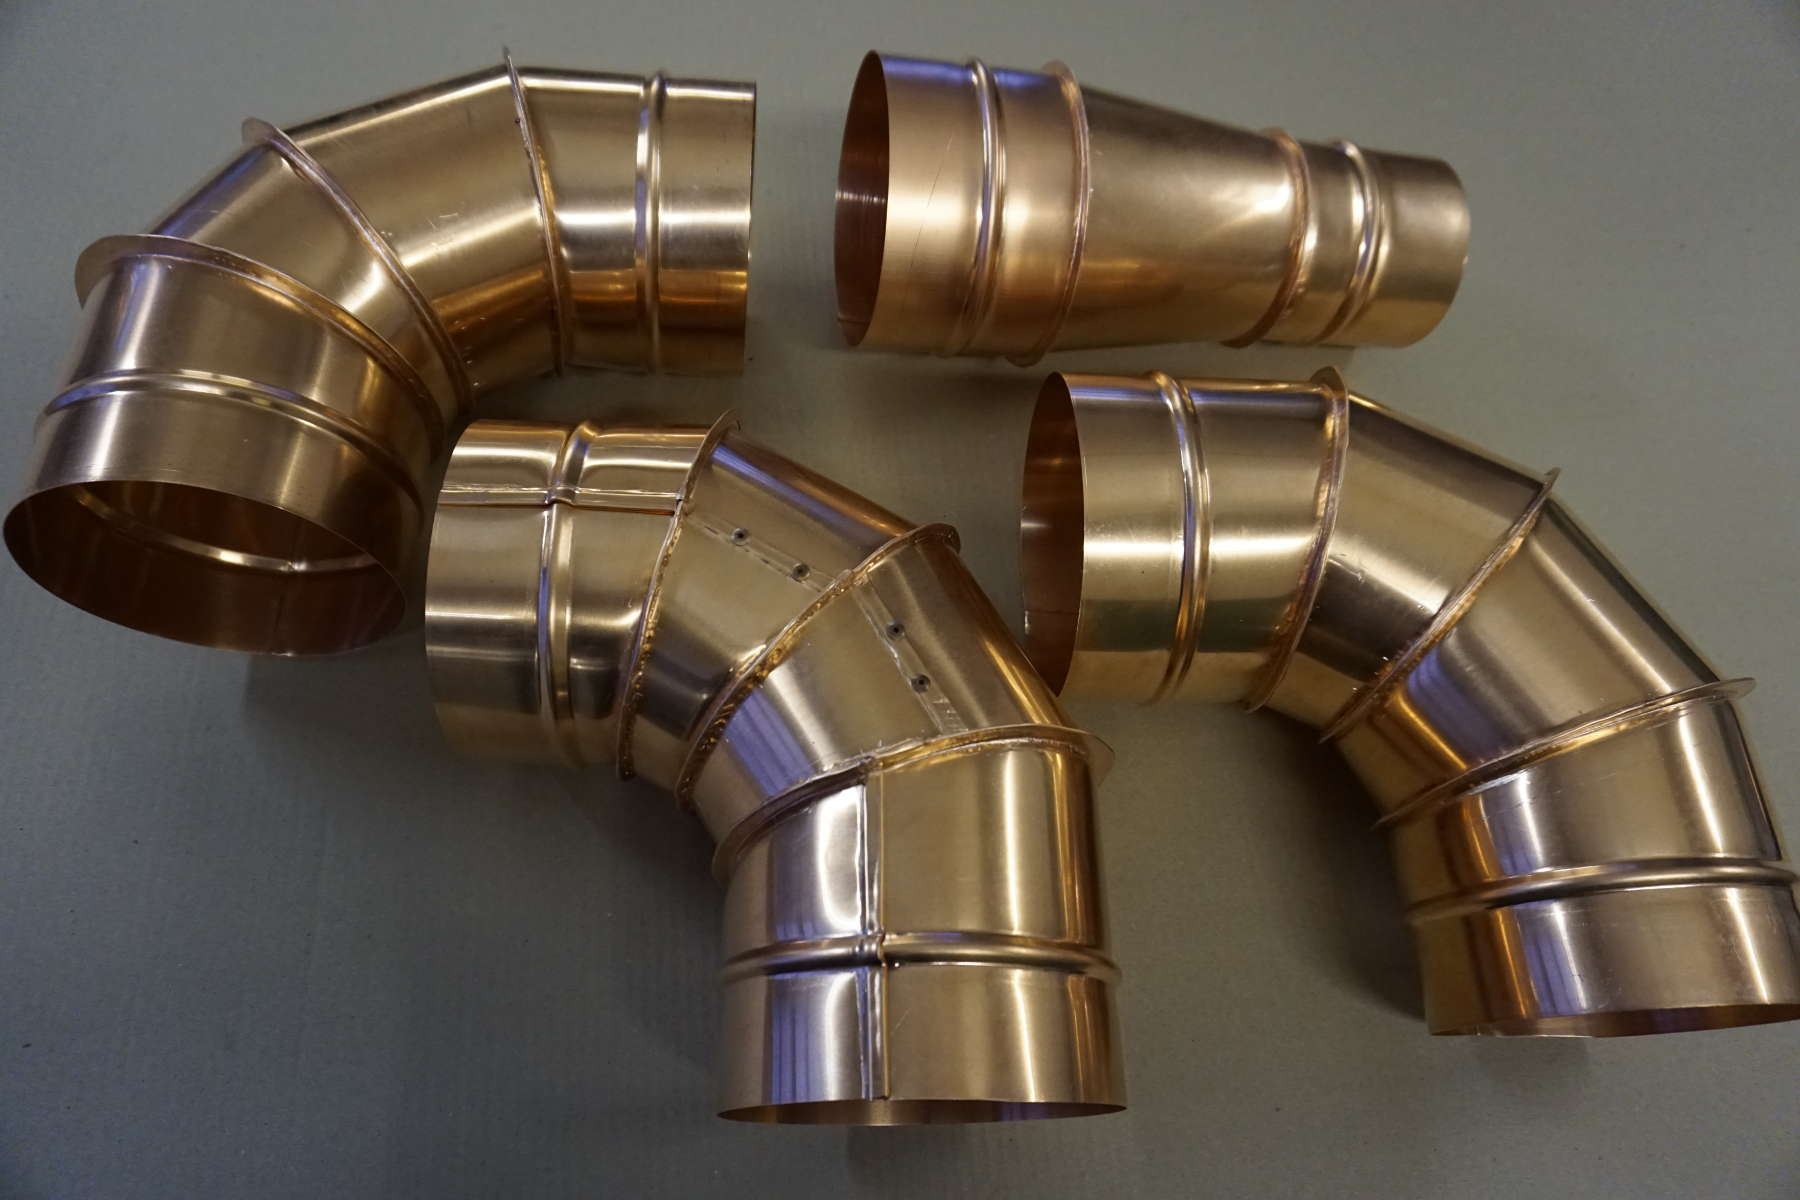 Пластиковые воздуховоды для вентиляции: виды, параметры, область применения